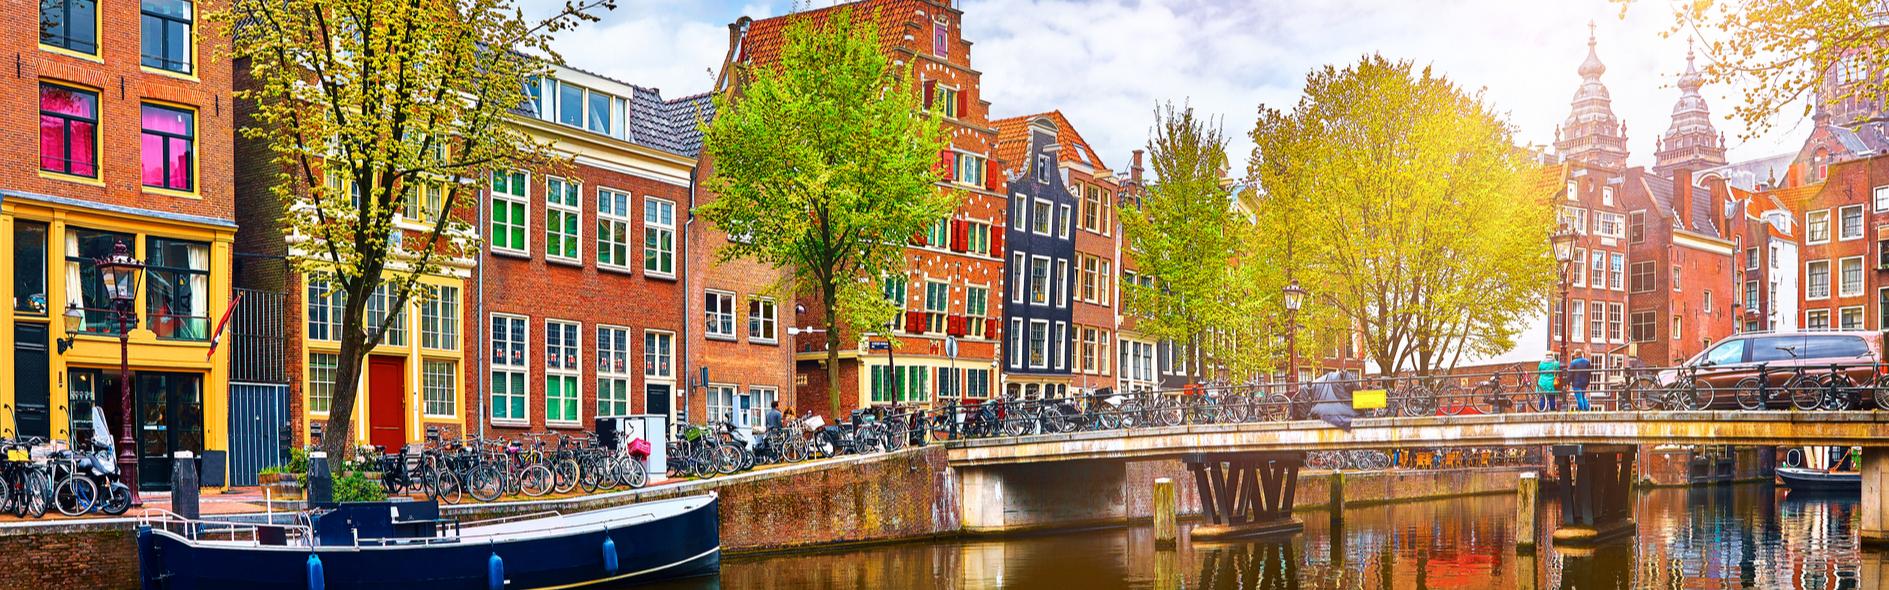 Descobrint els Països Baixos i Bèlgica -  28 de Desembre de 2019